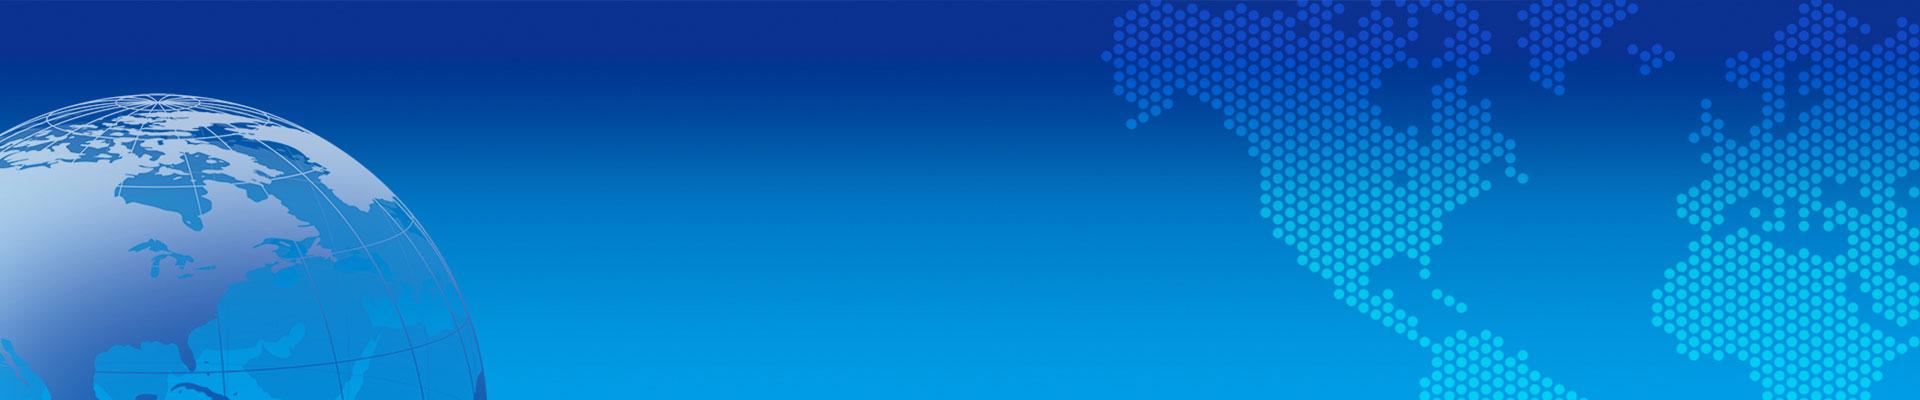 济南网站建设|济南网站制作-新闻资讯